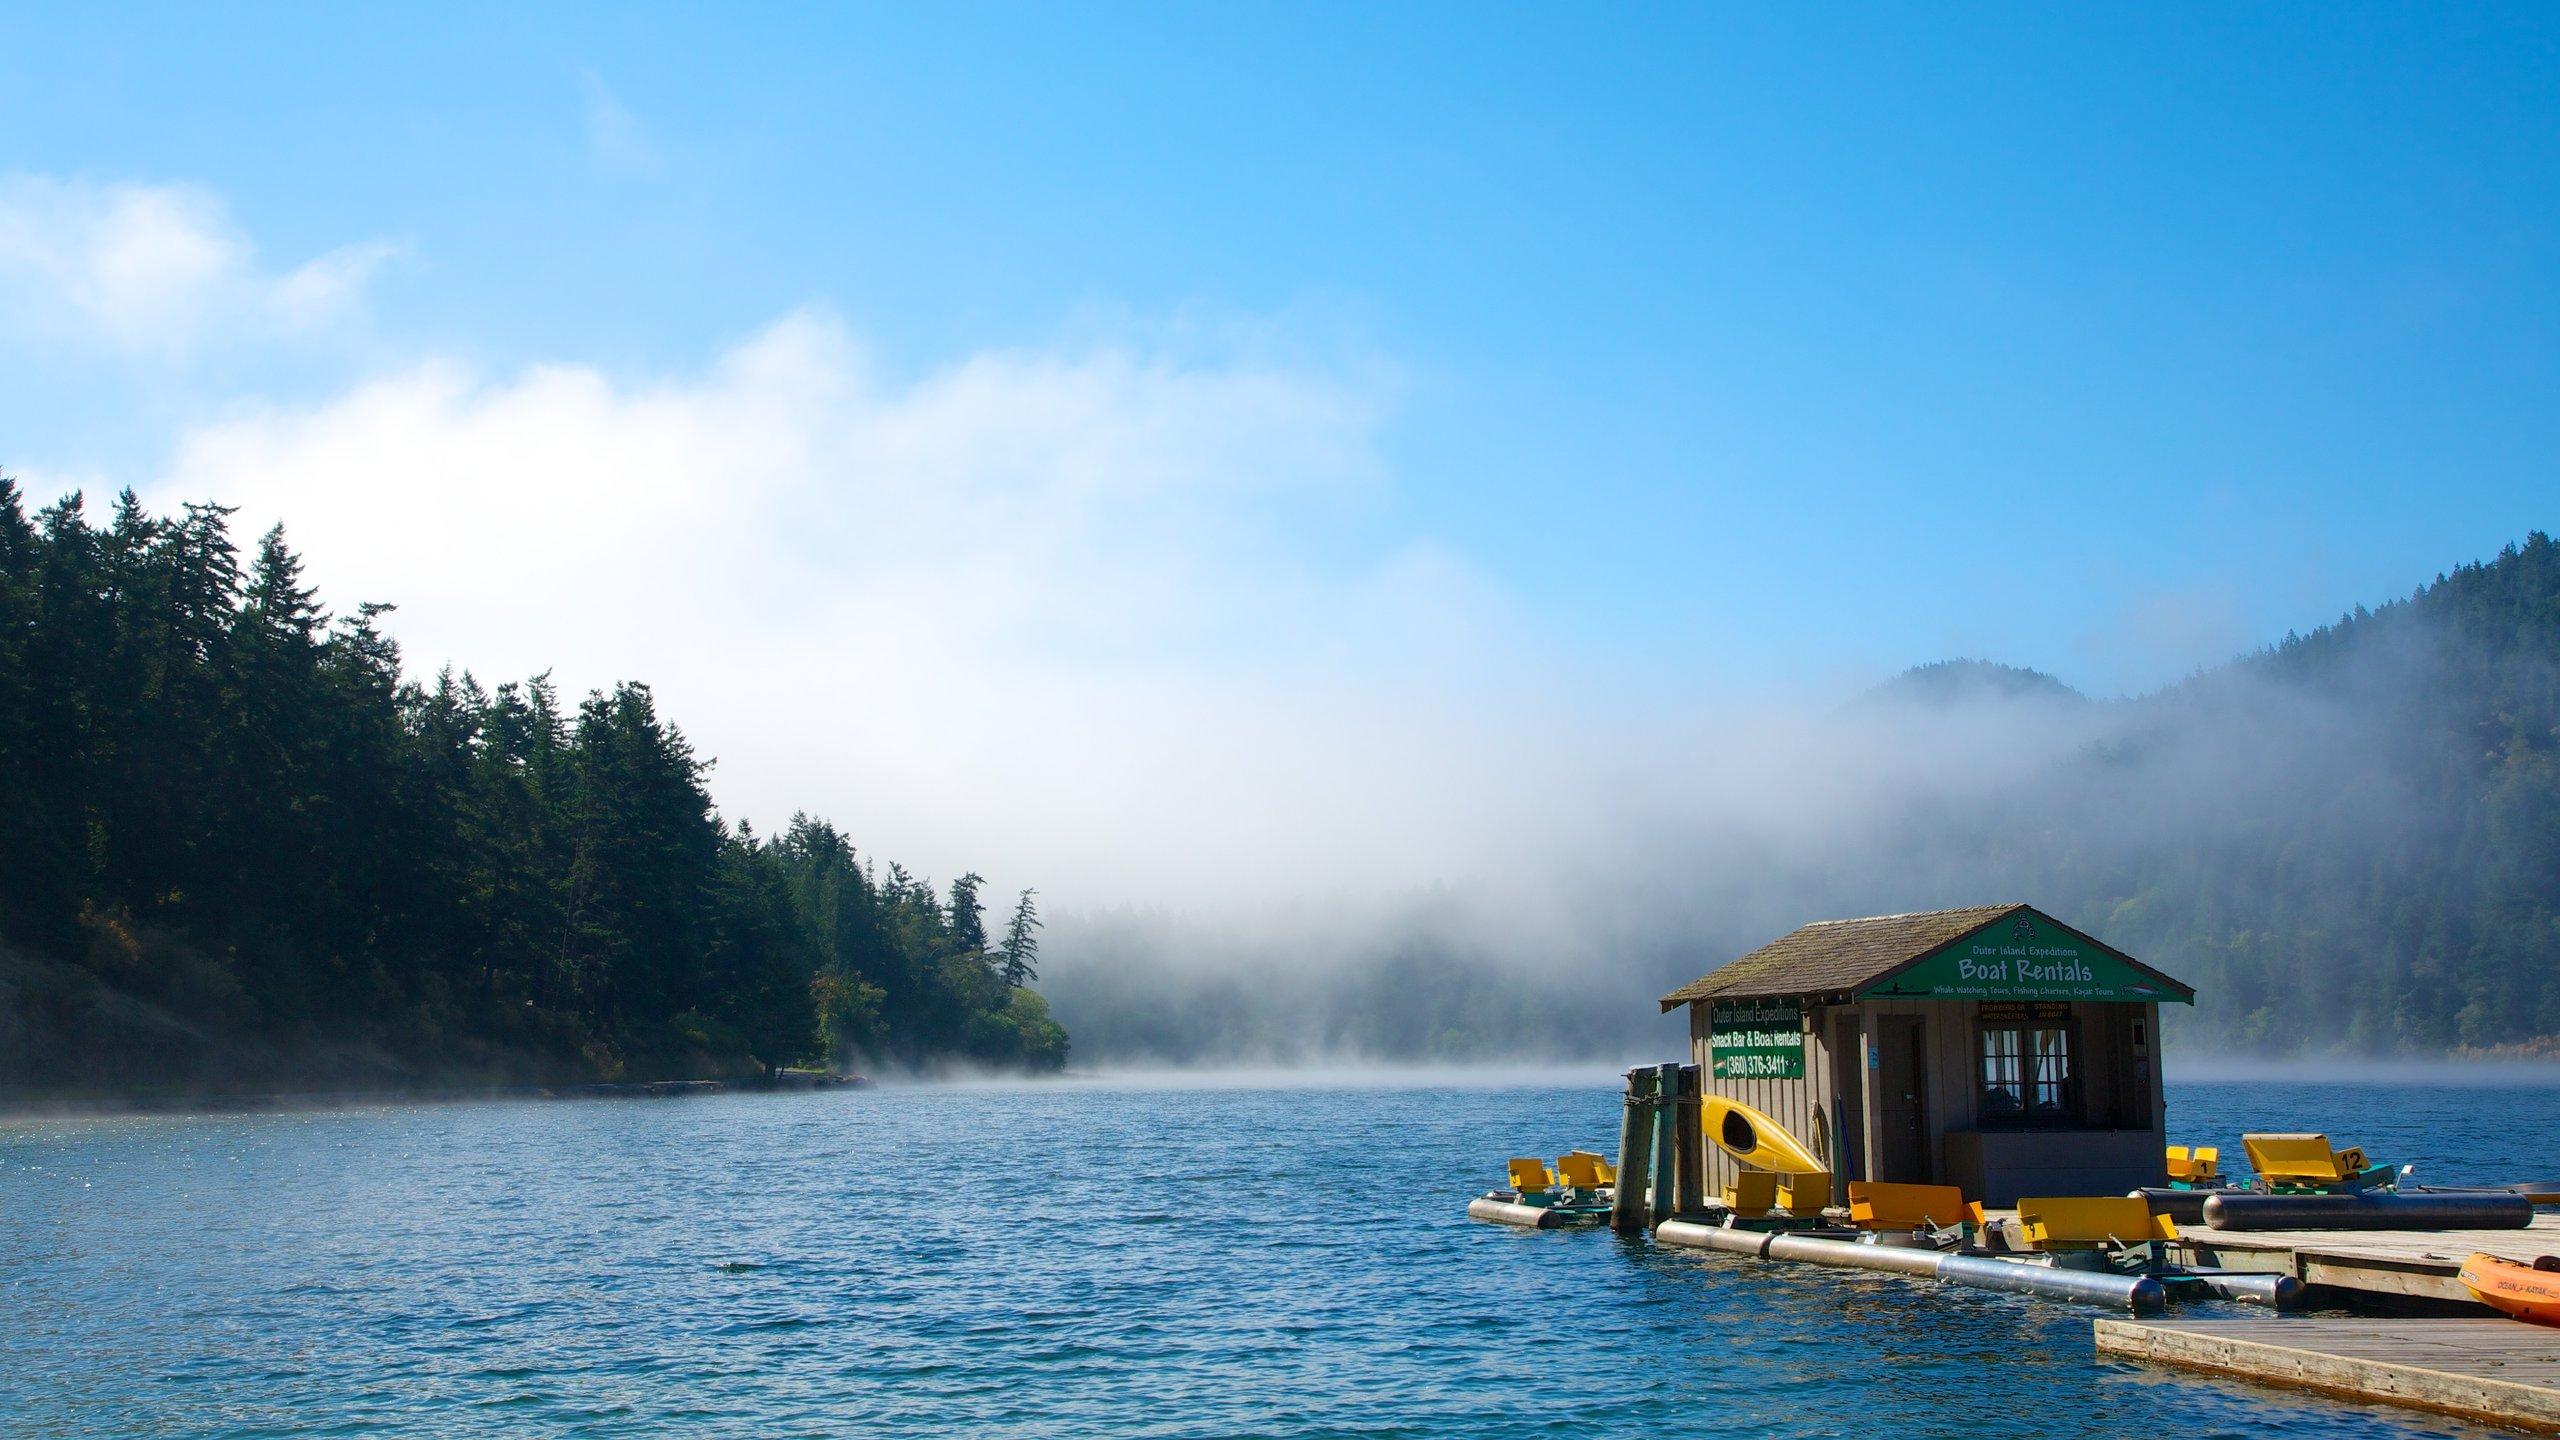 Orcas Island, Washington, United States of America